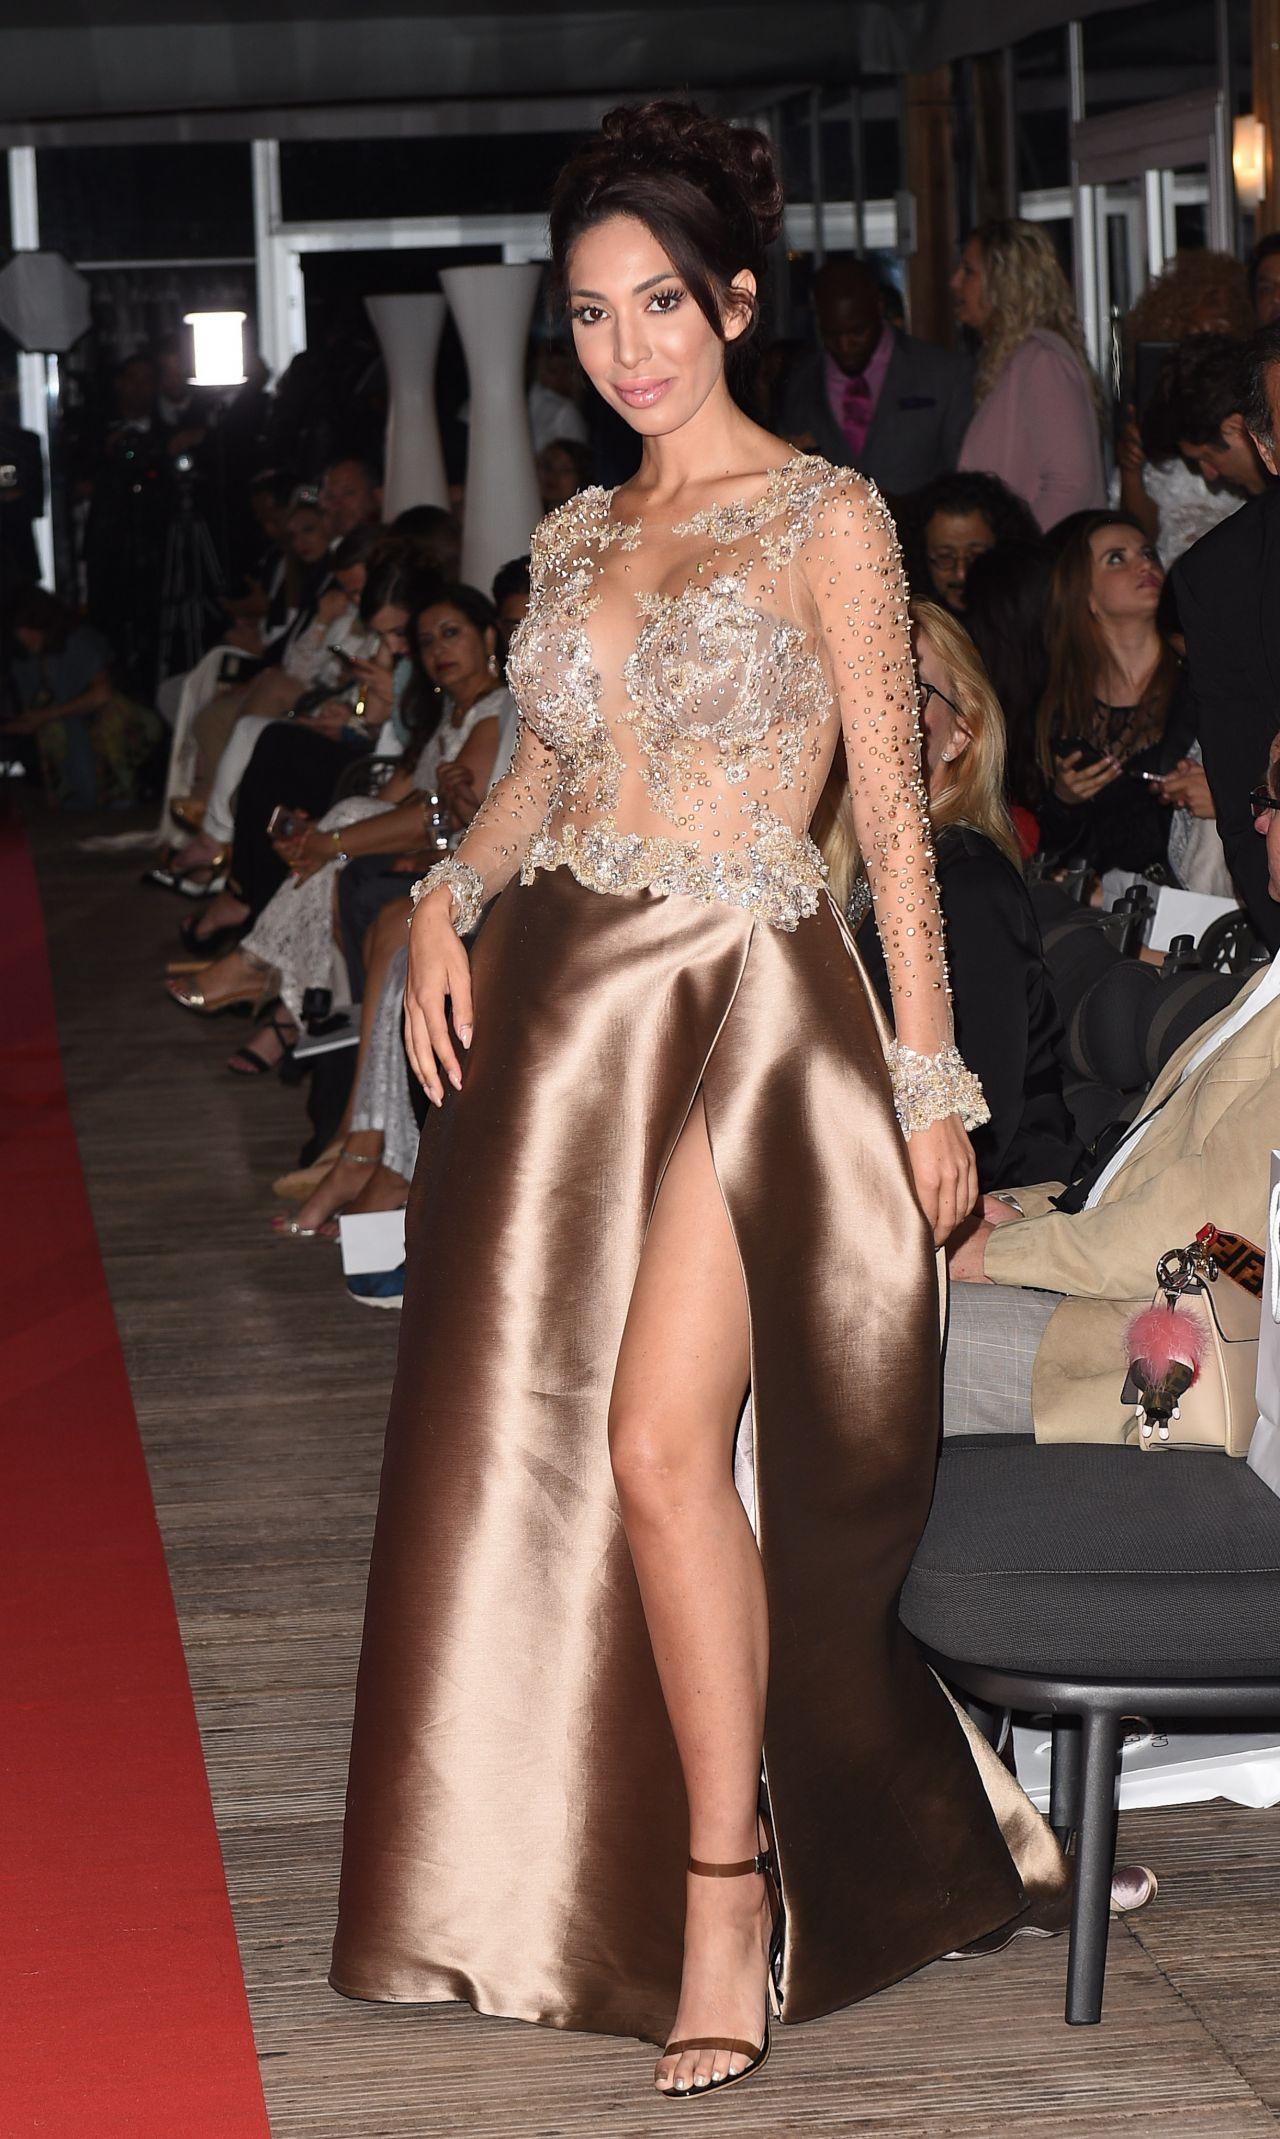 Farrah Abraham - Fashion Show In Cannes 05142018-5027